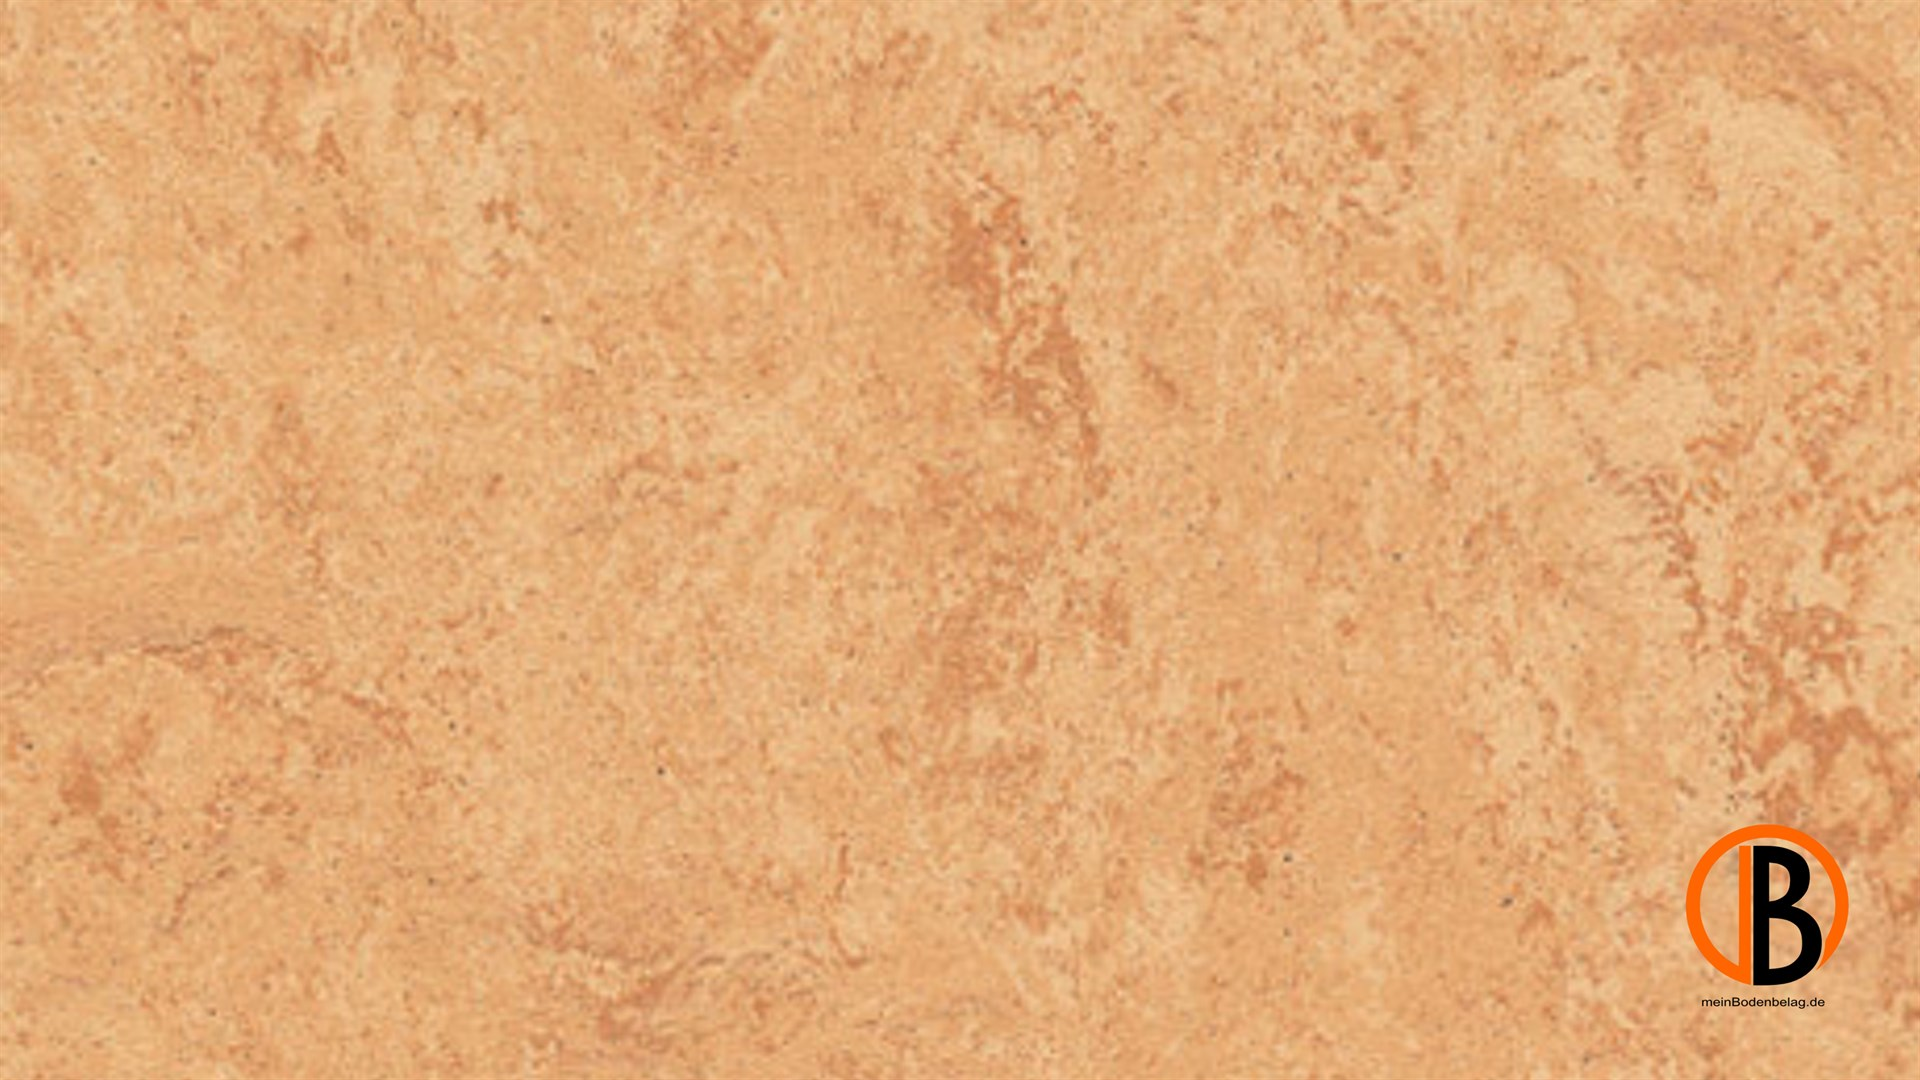 CINQUE KWG LINOLEUM-FERTIGPARKETT PICOLINO | 10000410;0 | Bild 1